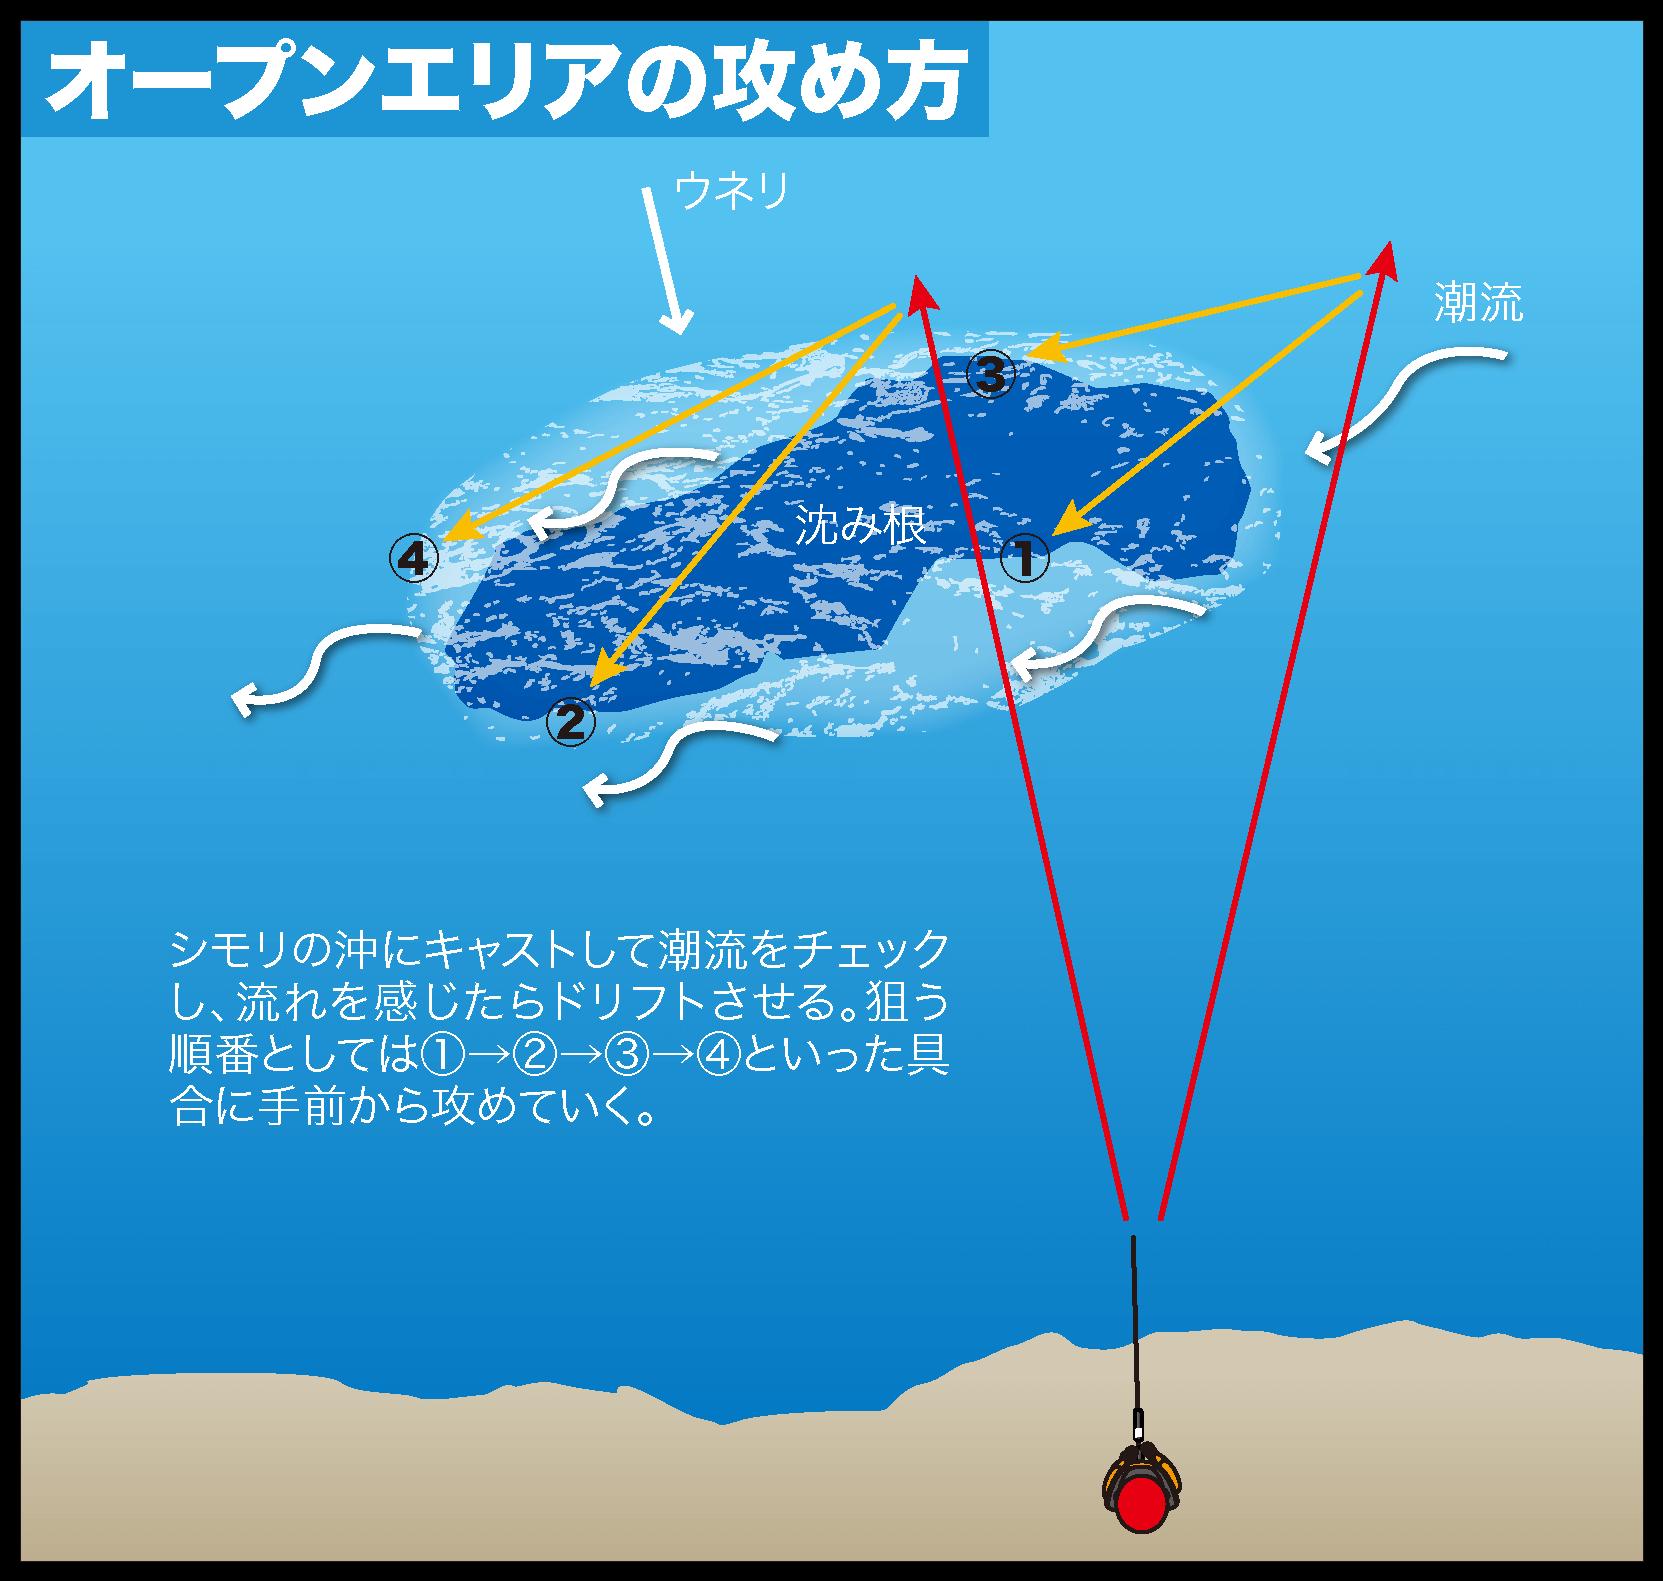 磯のヒラスズキゲーム オープンエリア&ストラクチャー2